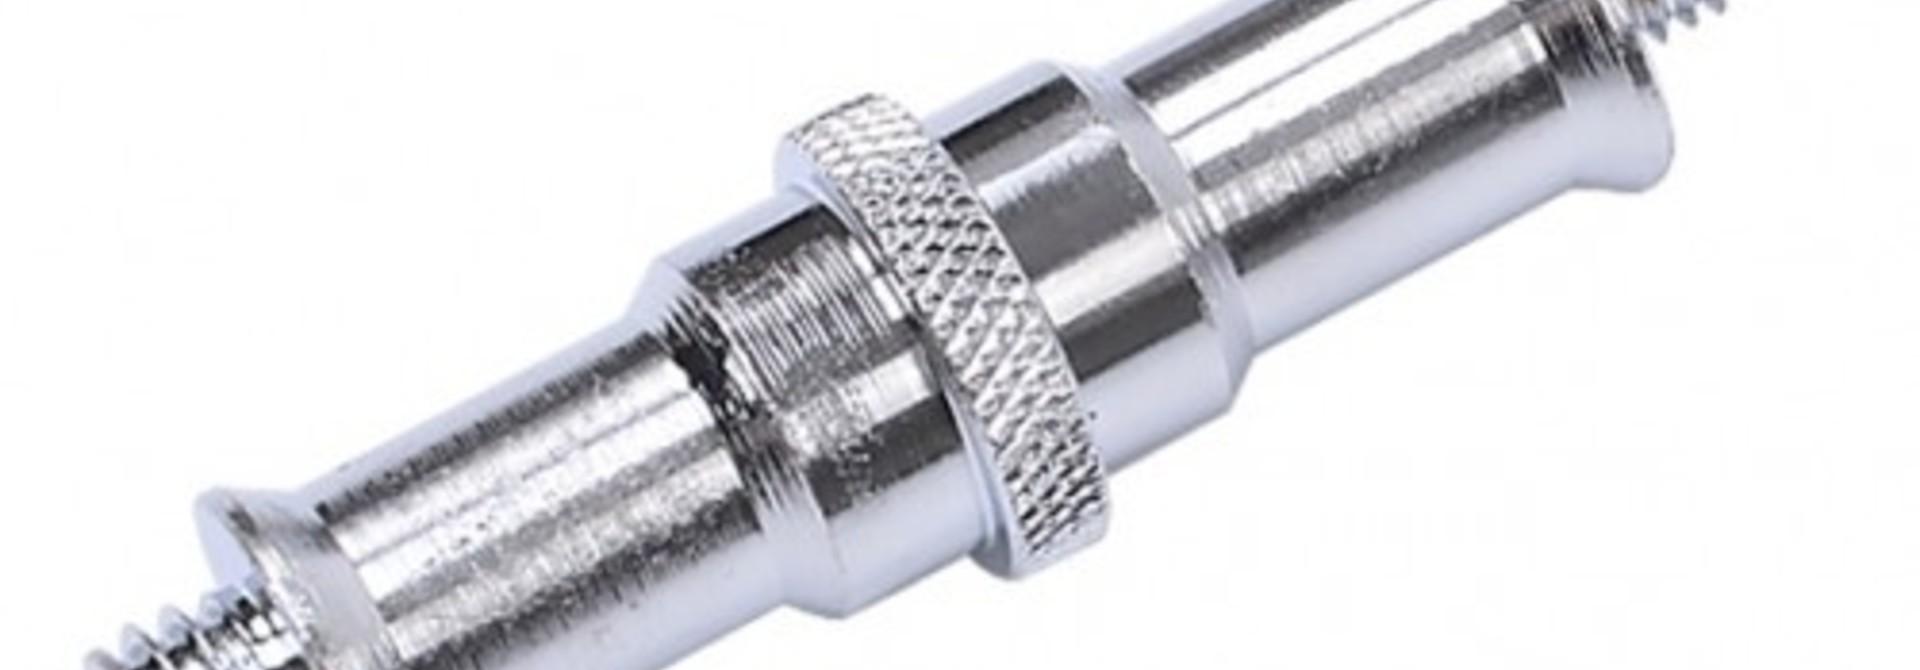 Metal Threaded Screw Adaptor Spigot